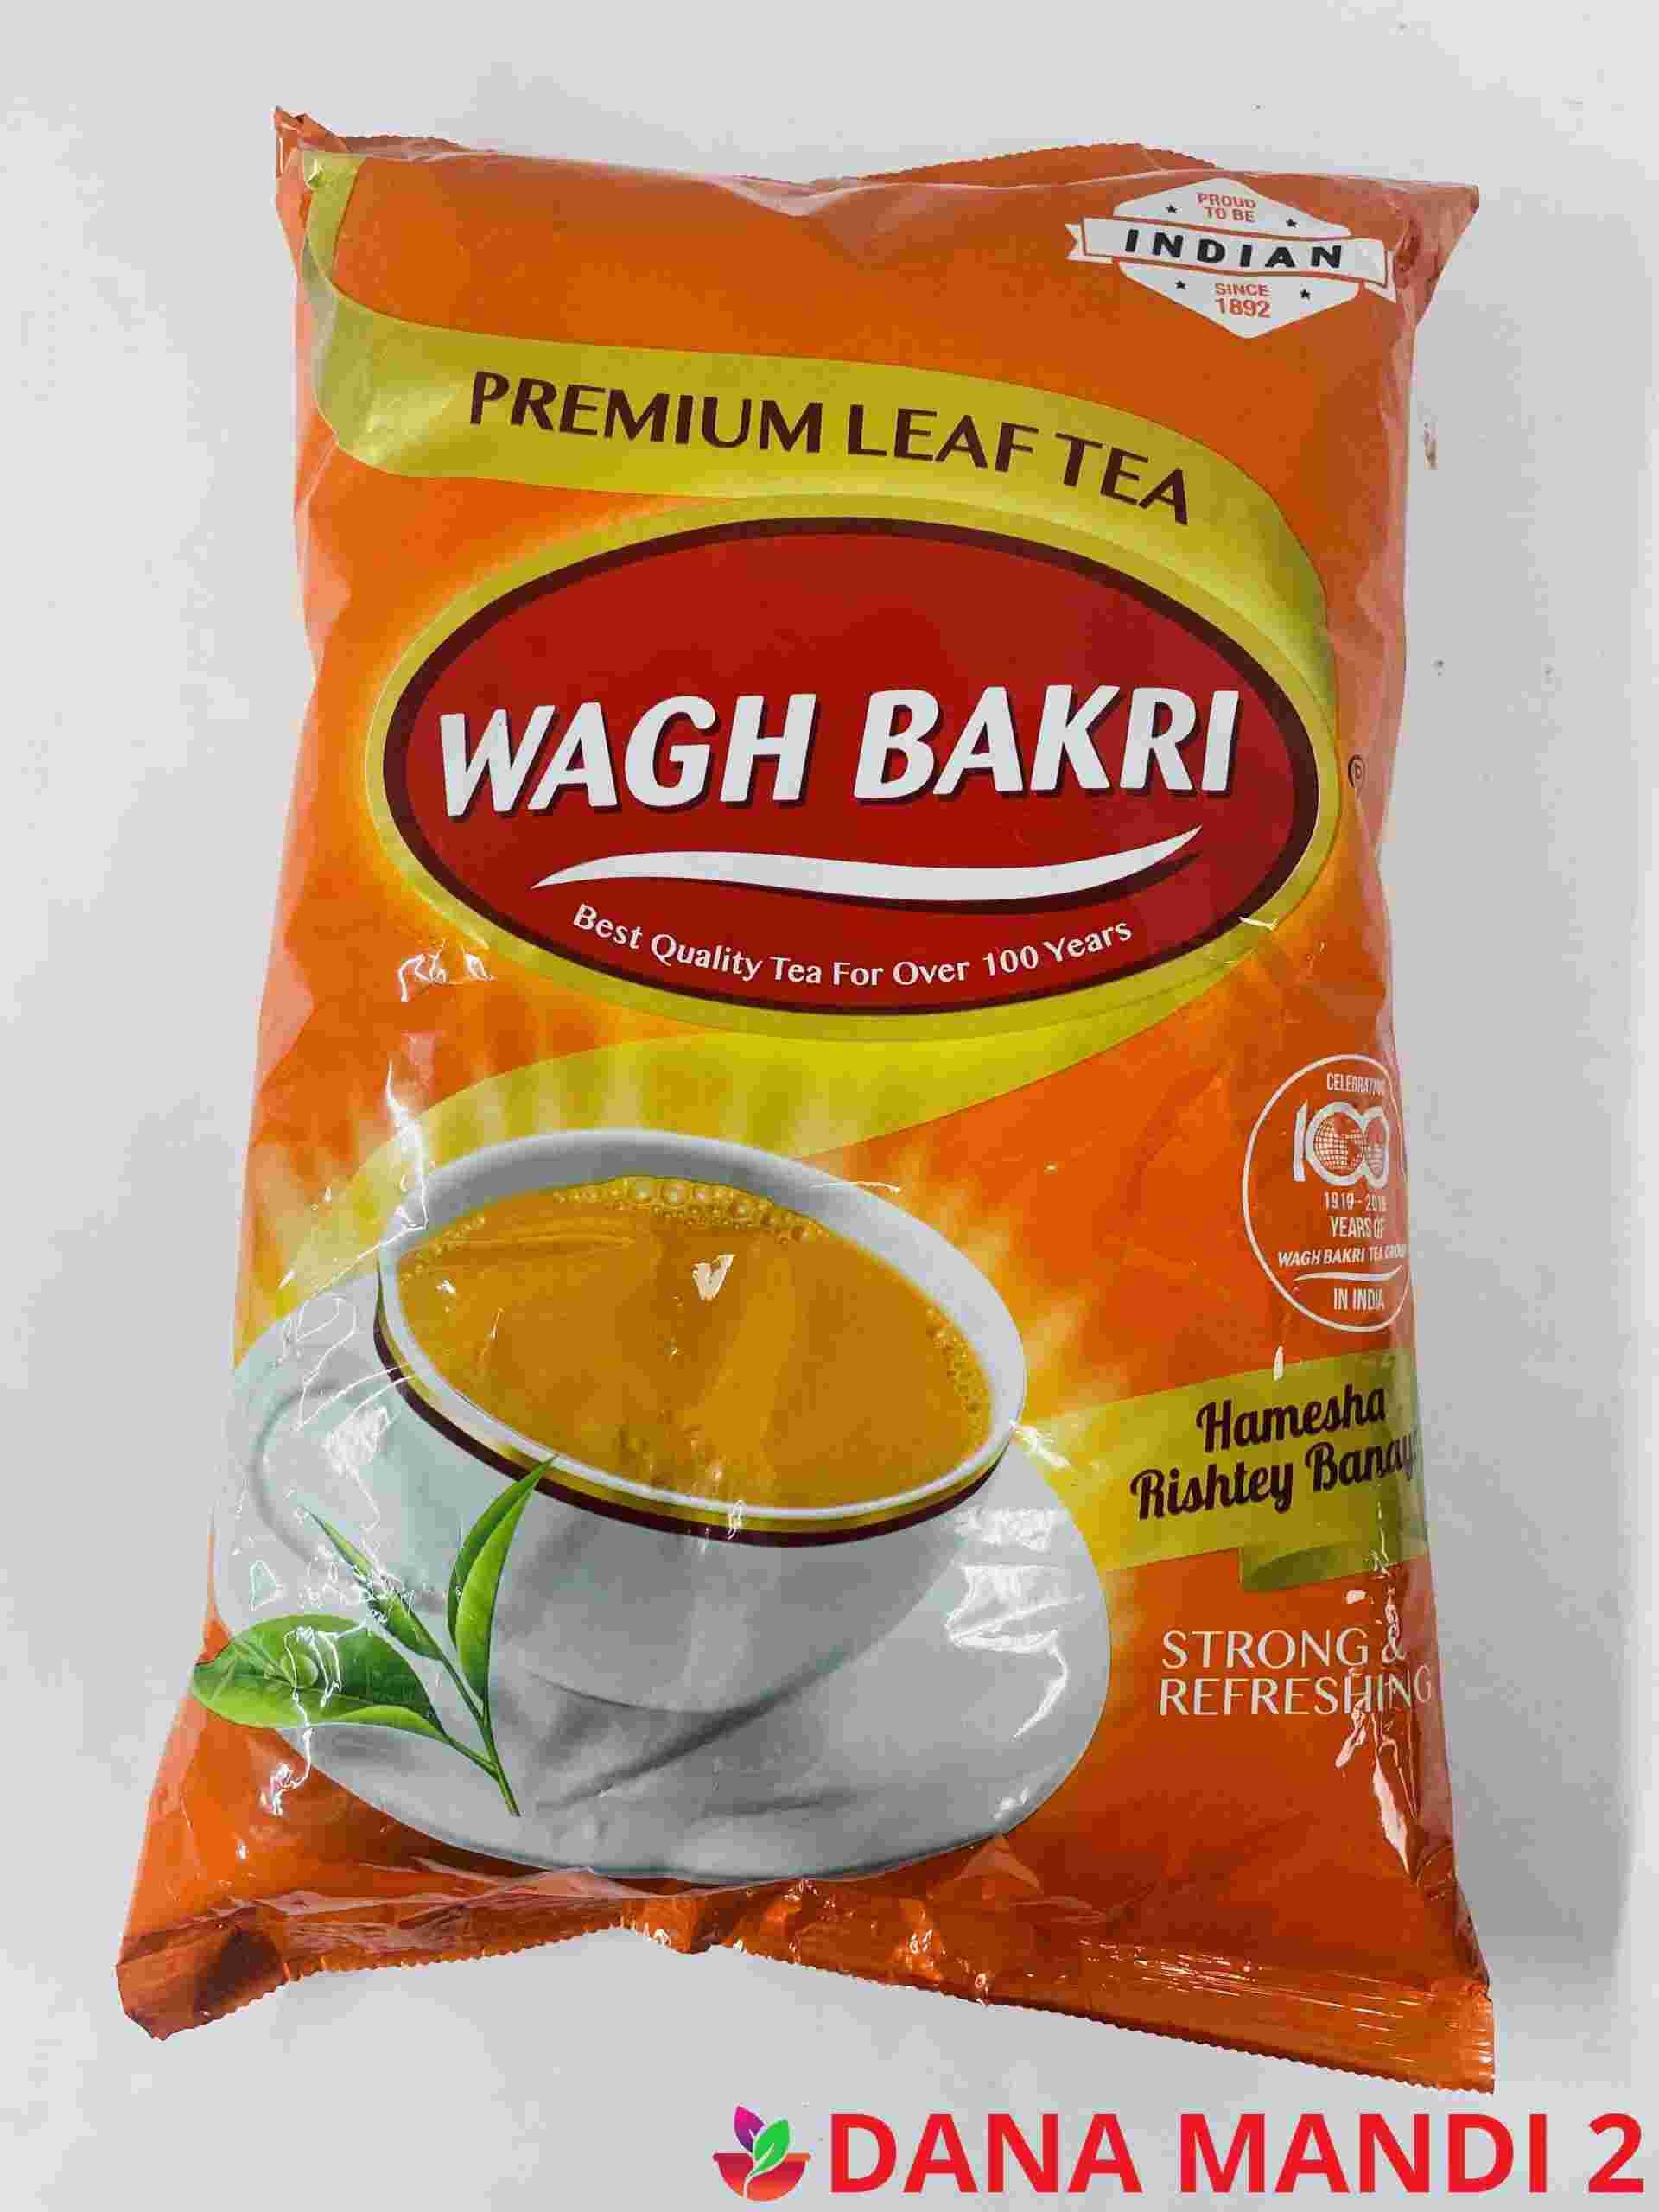 WAGH BAKRI Wagh Bakri